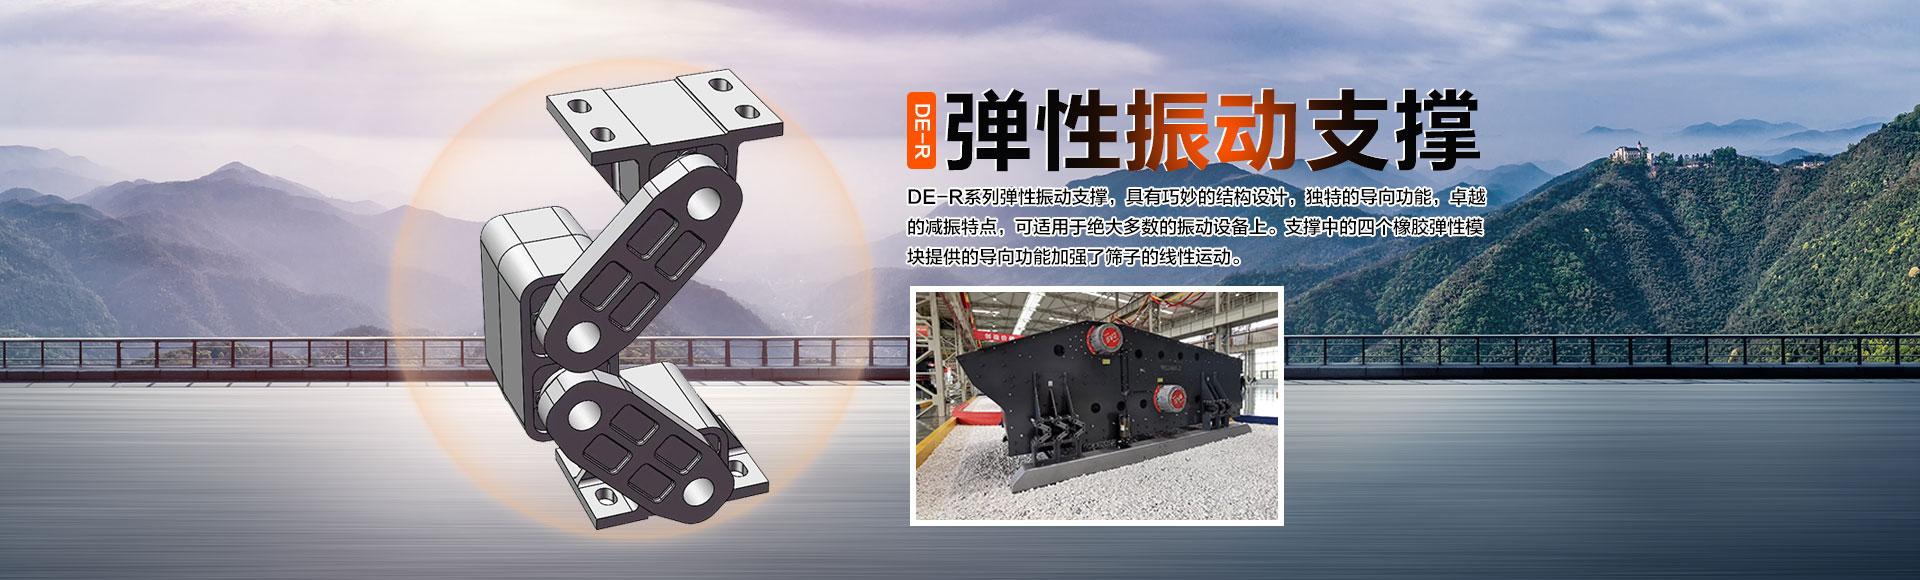 DE-R型弹性振动支撑